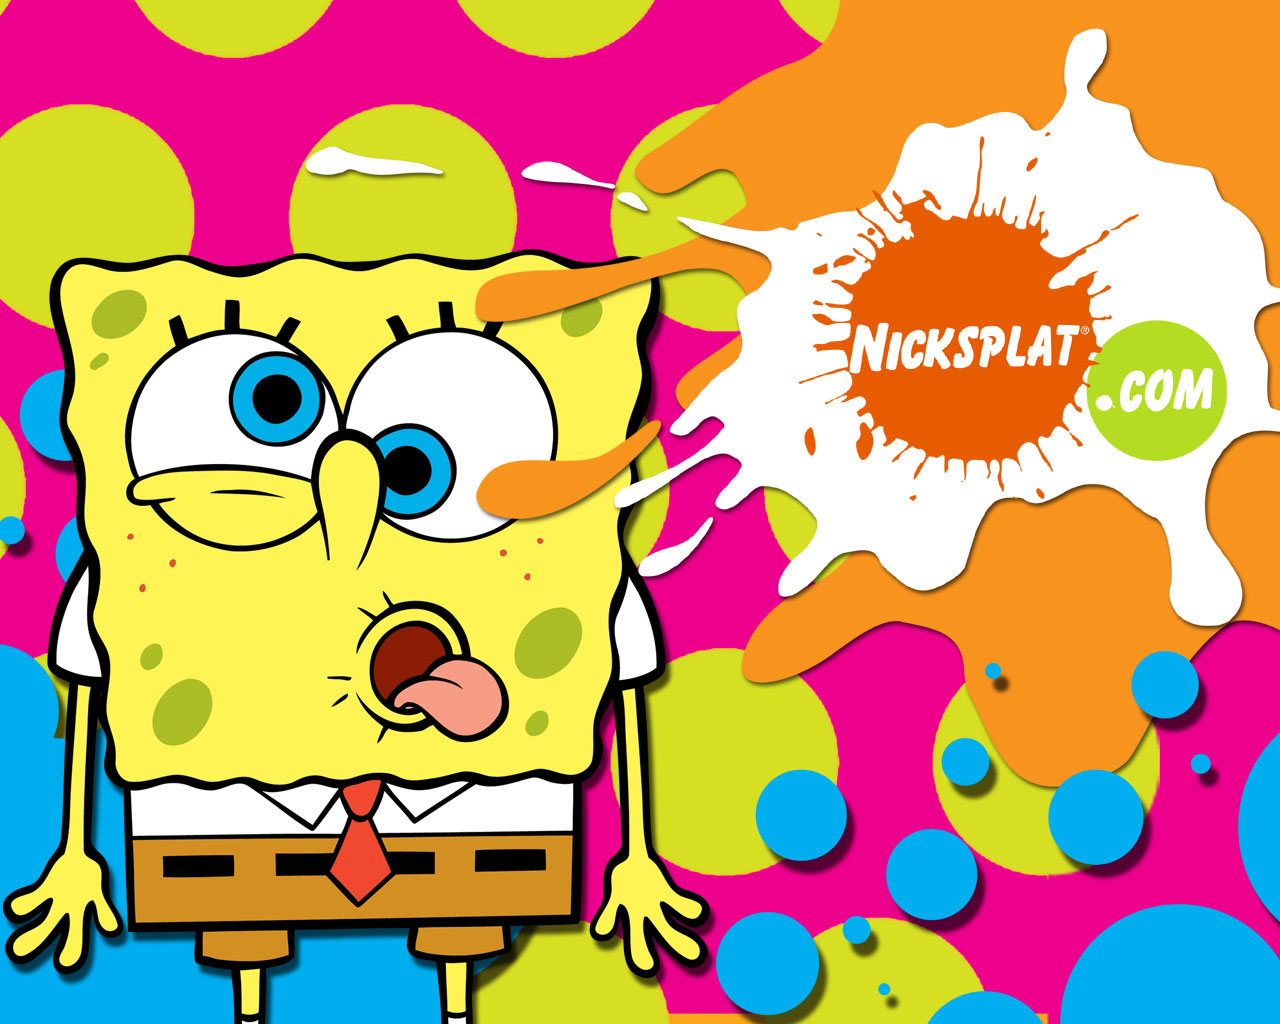 Download Free Spongebob wallpaper, Spongebob wallpaper Download 1280x1024